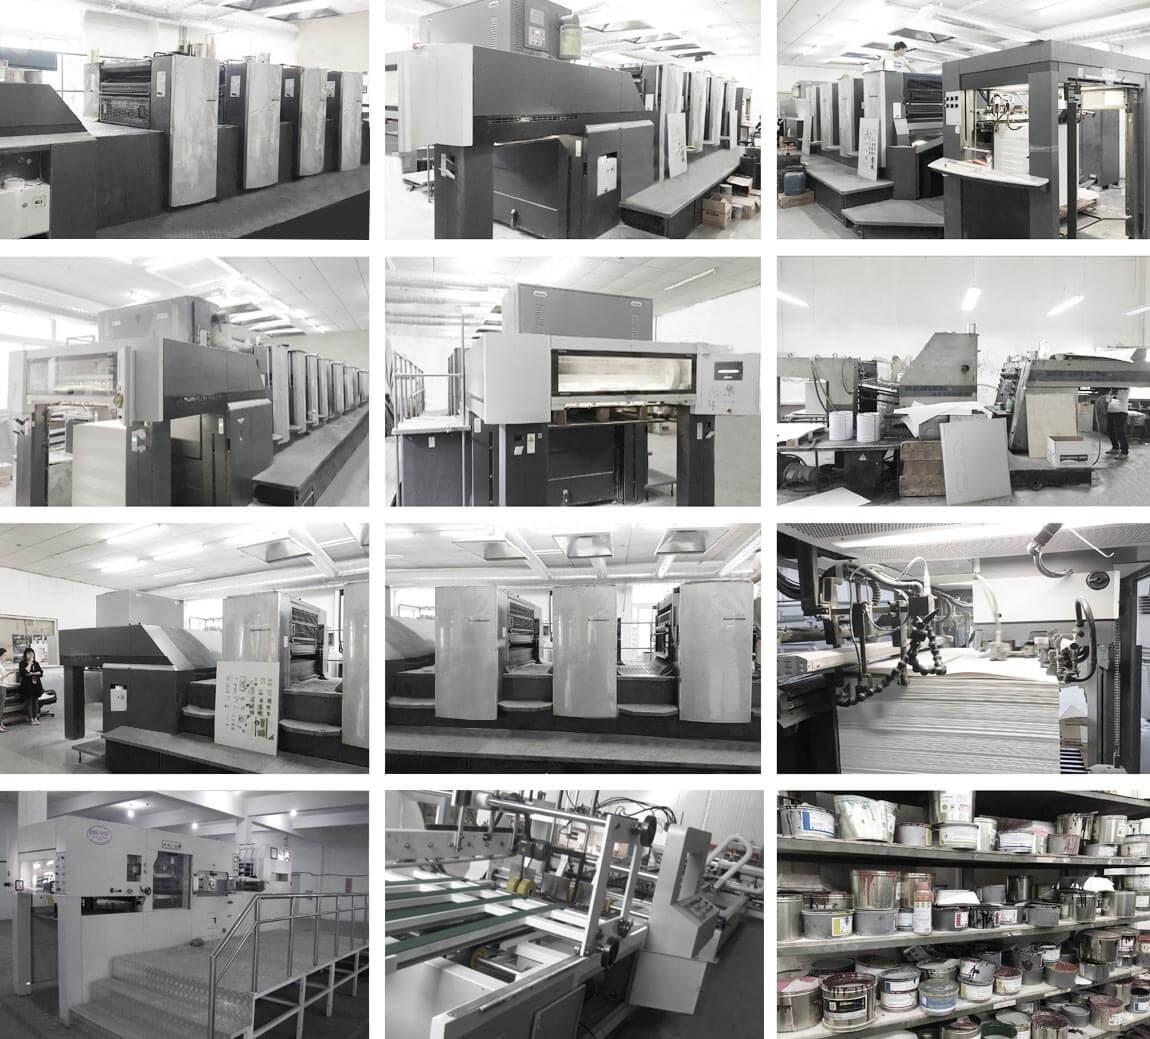 印刷工厂实拍